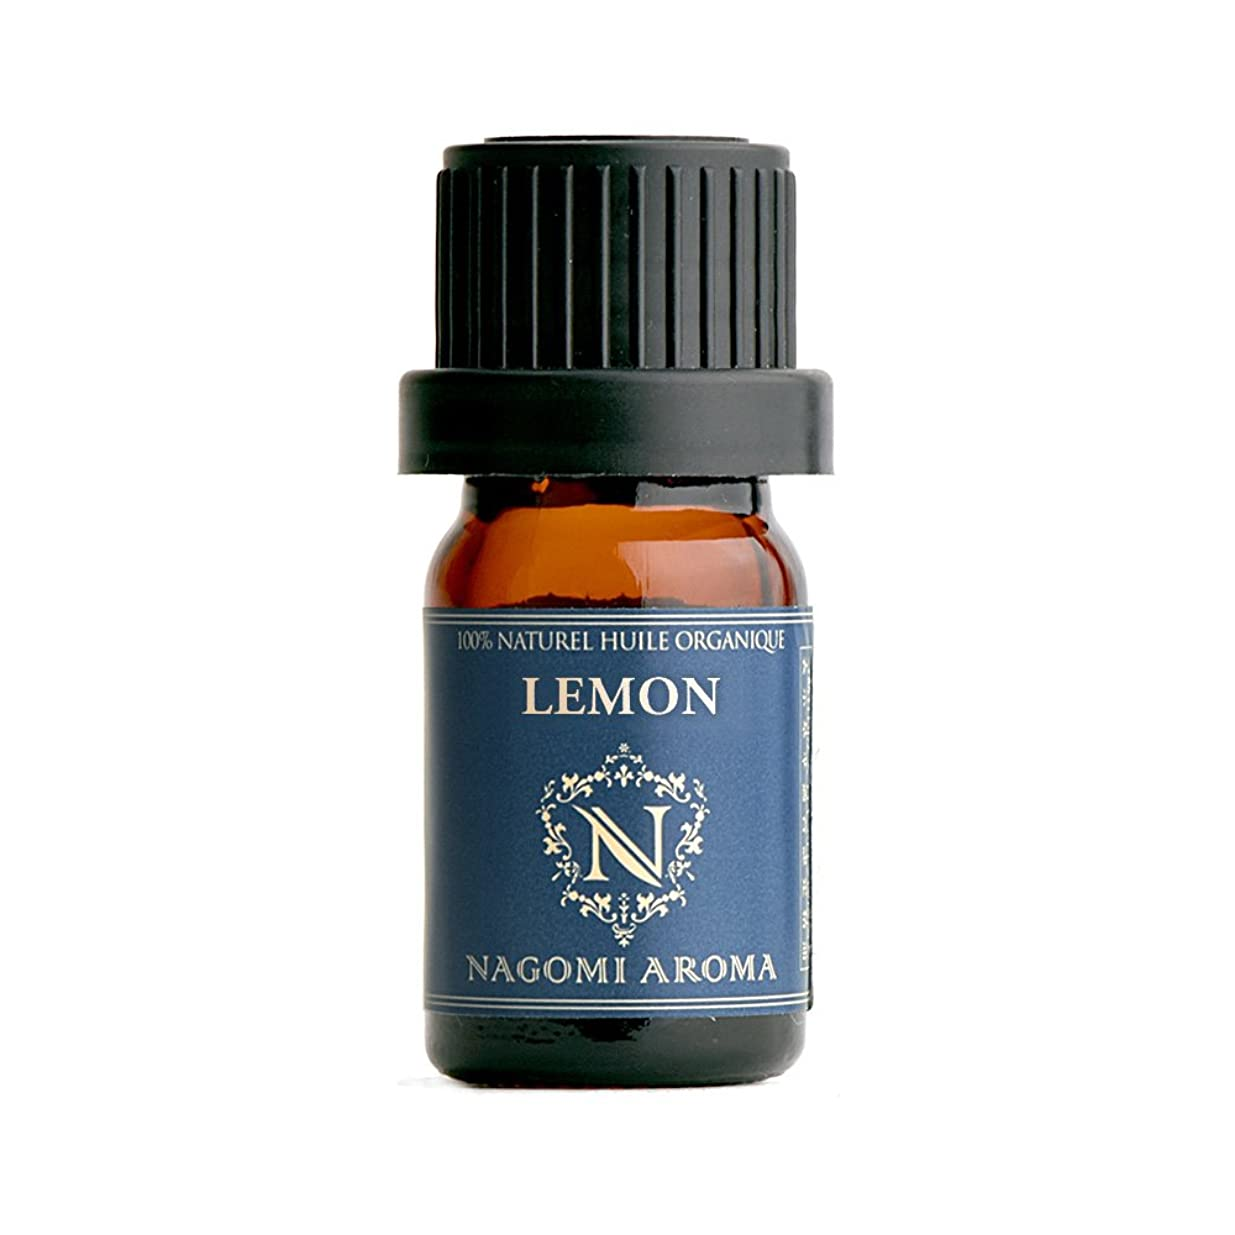 詐欺修士号素晴らしい良い多くのNAGOMI AROMA オーガニック レモン 5ml 【AEAJ認定精油】【アロマオイル】